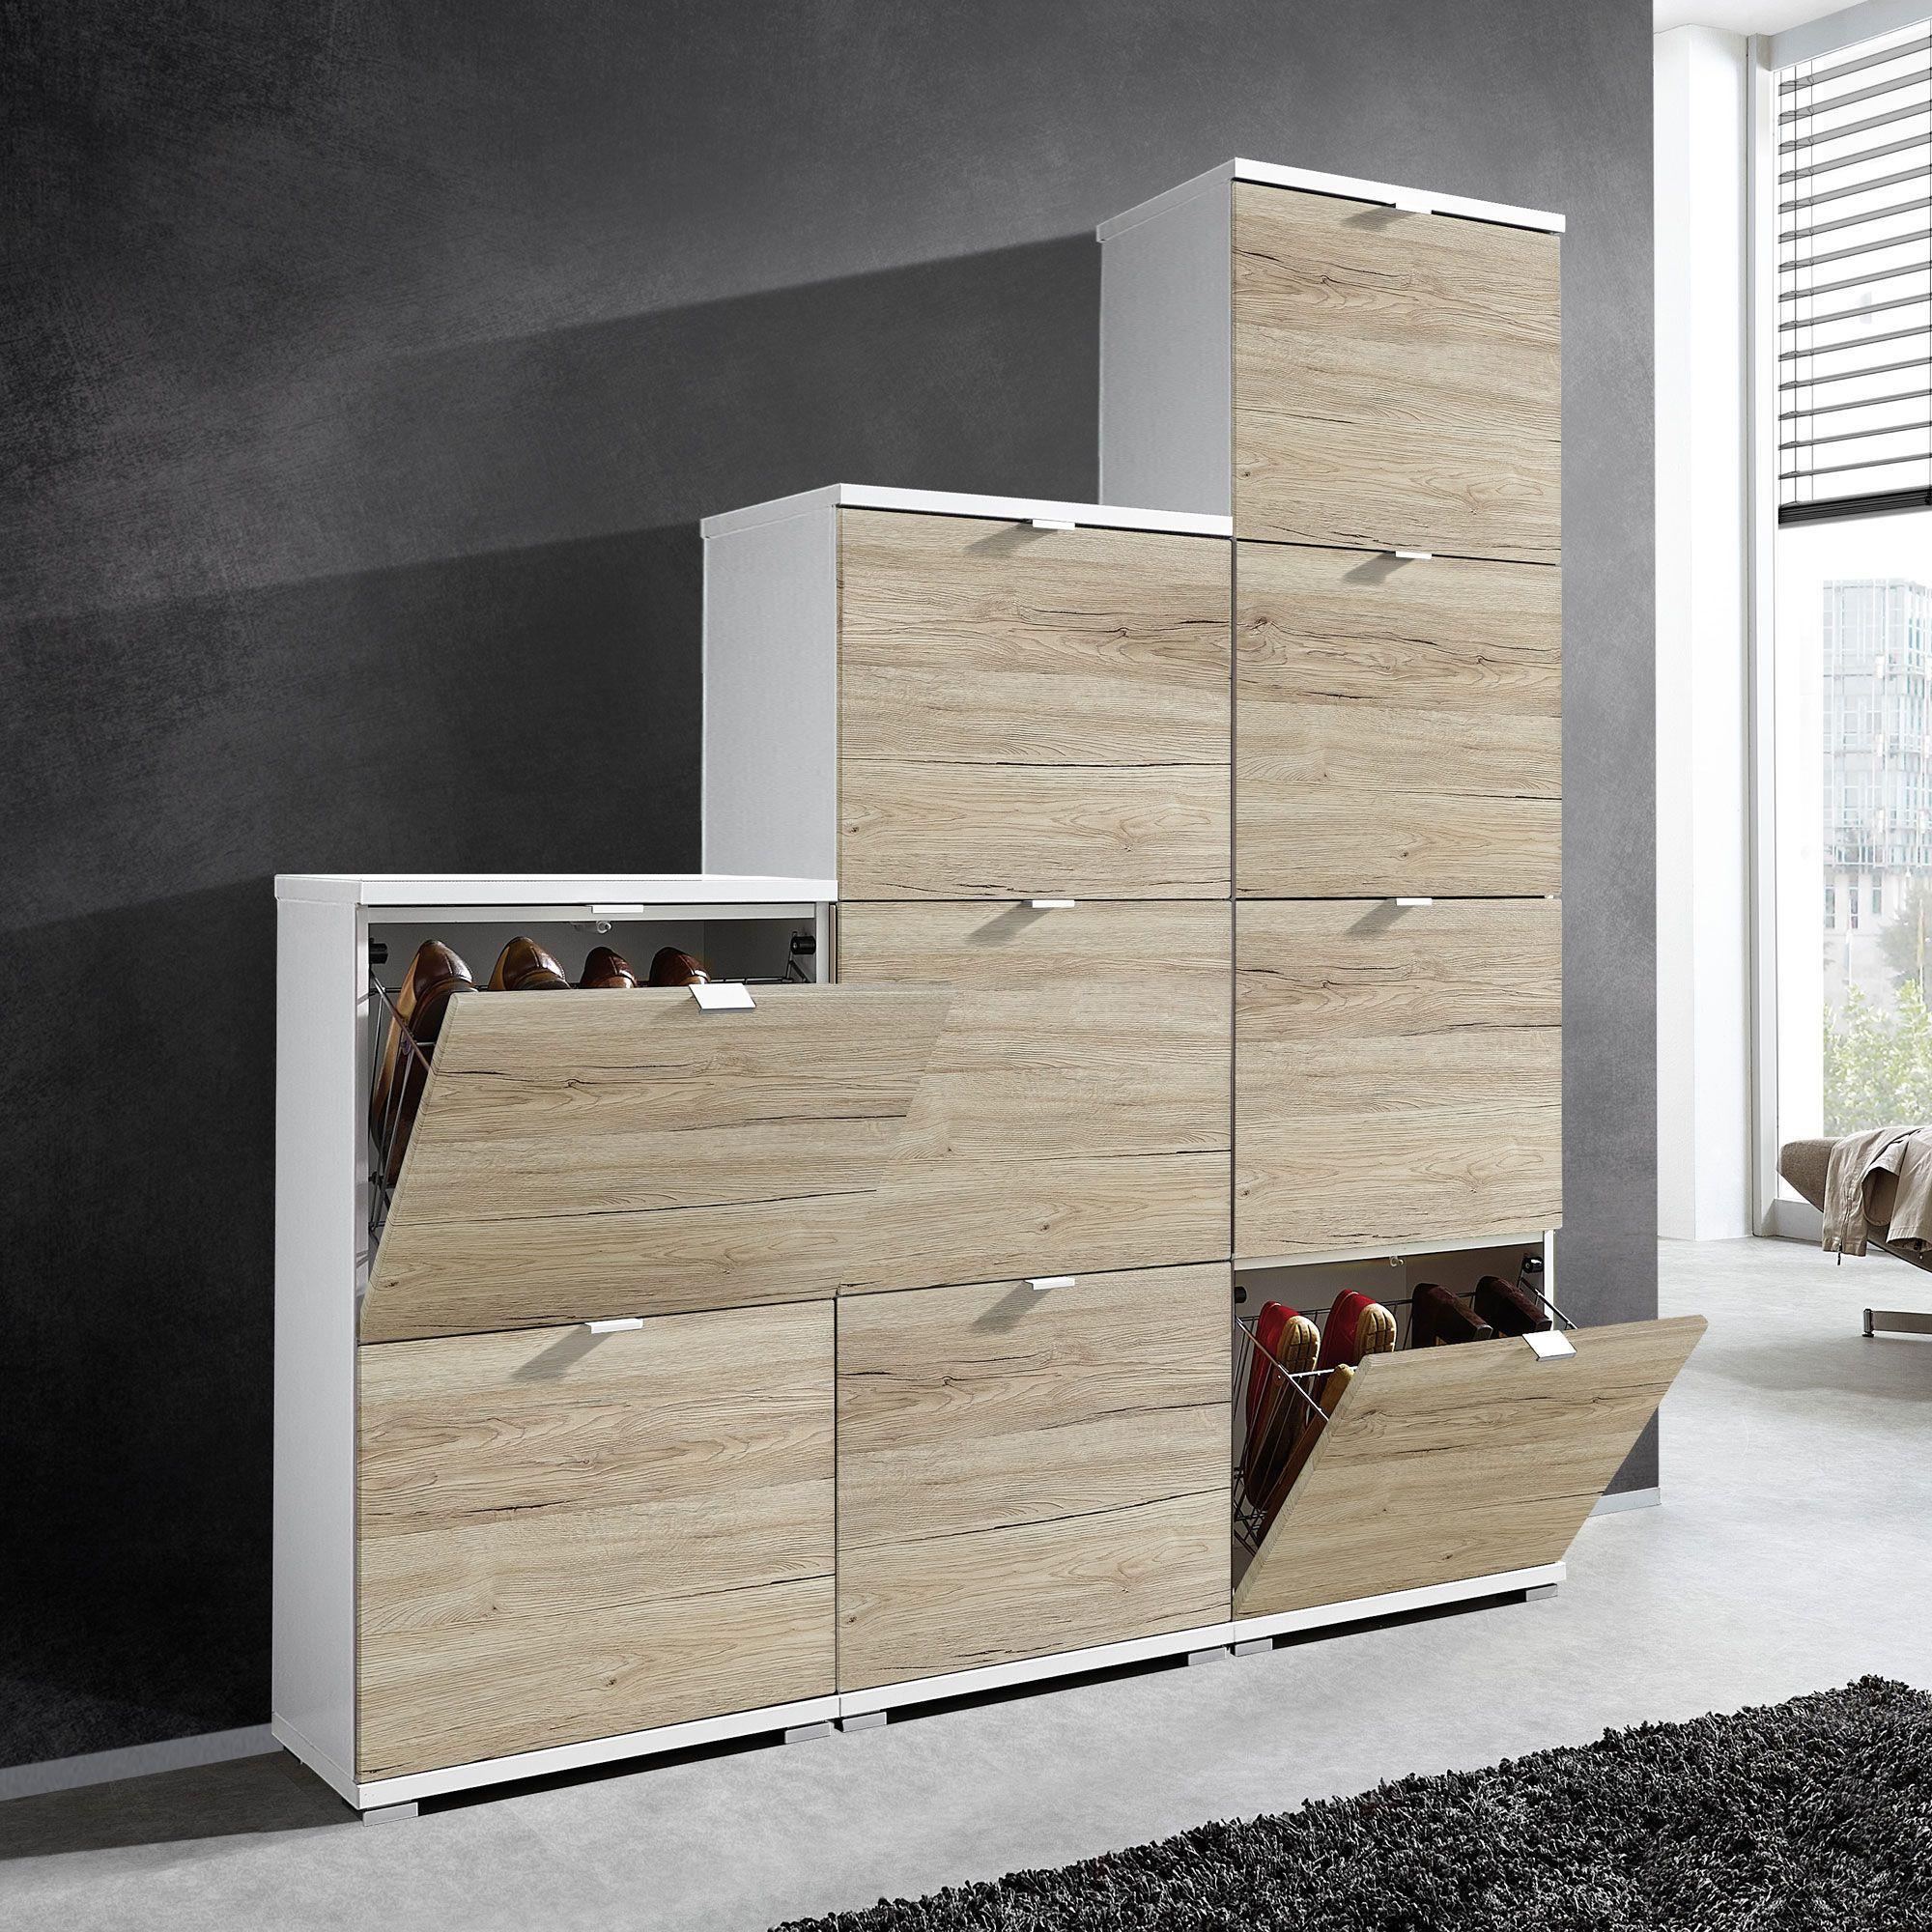 unique de meuble en orme massif blanchi conception id es de design d 39 int rieur. Black Bedroom Furniture Sets. Home Design Ideas